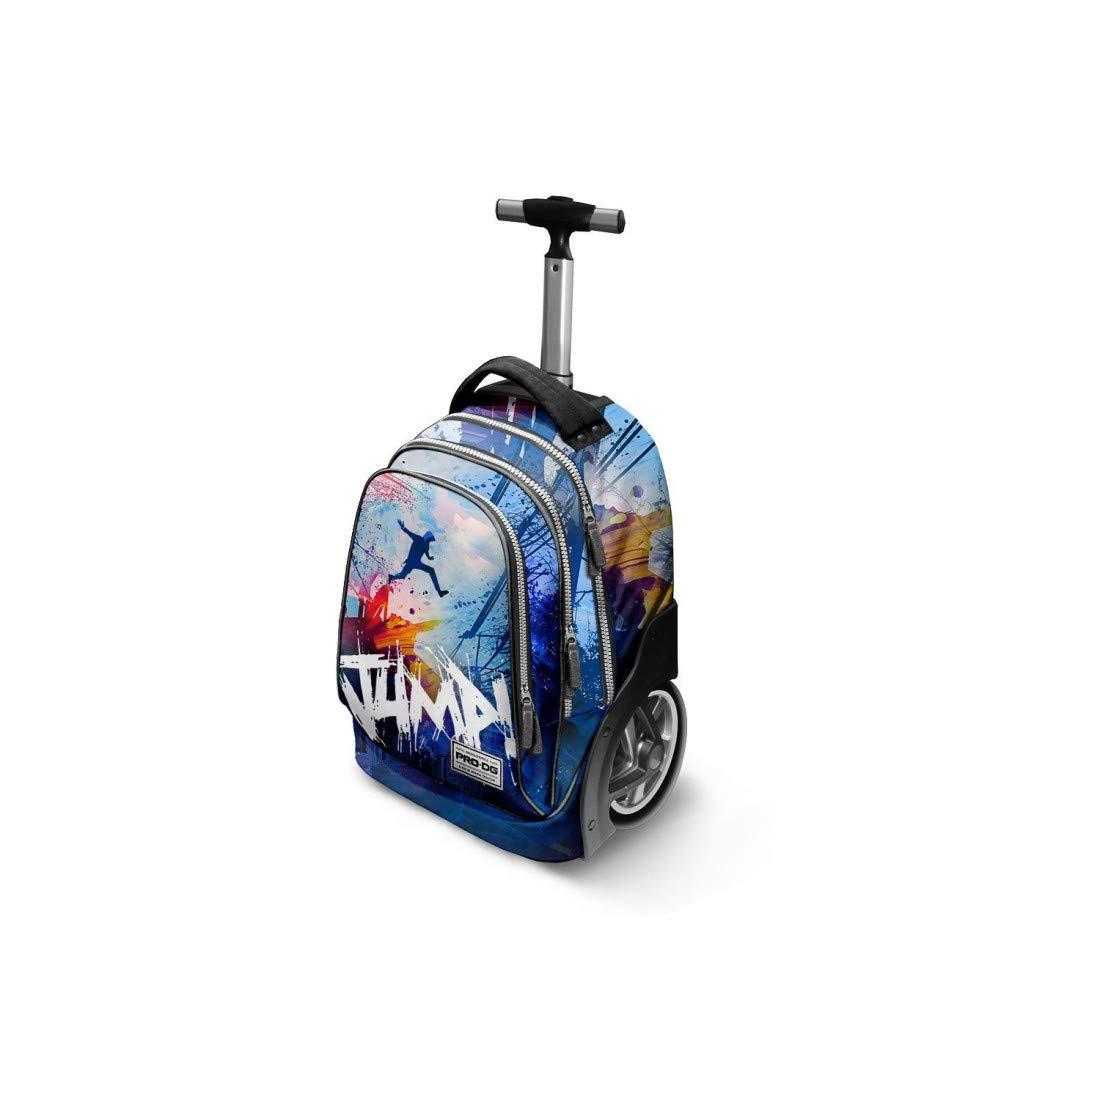 PRO-DG Mochila trolley niños del bolso de escuela azul jump VZ888: Amazon.es: Ropa y accesorios